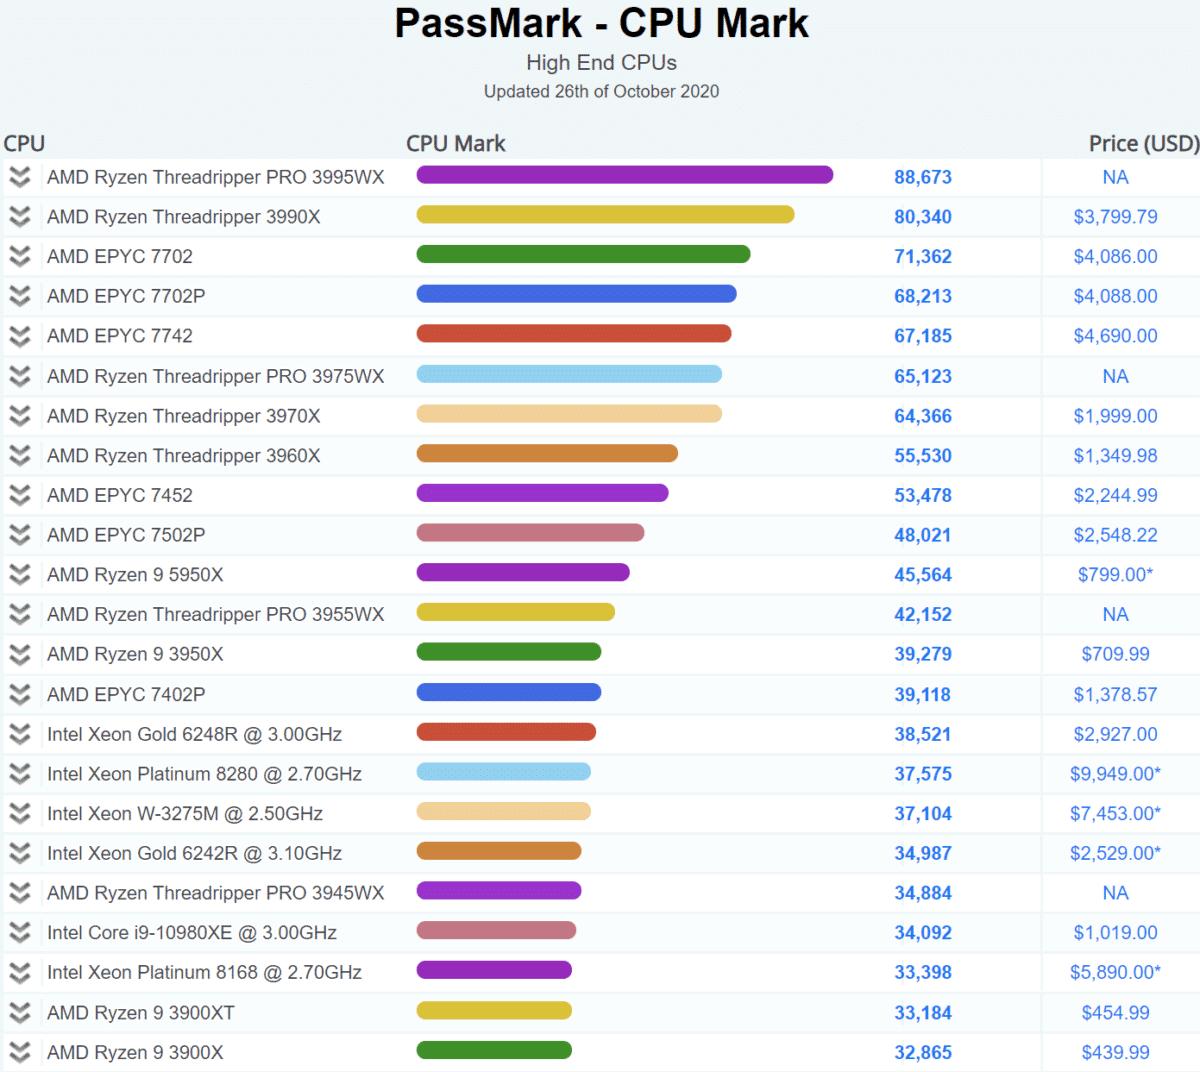 AMD Ryzen 9 5950X 16 Core Zen 3 Desktop CPU Passmark Multi